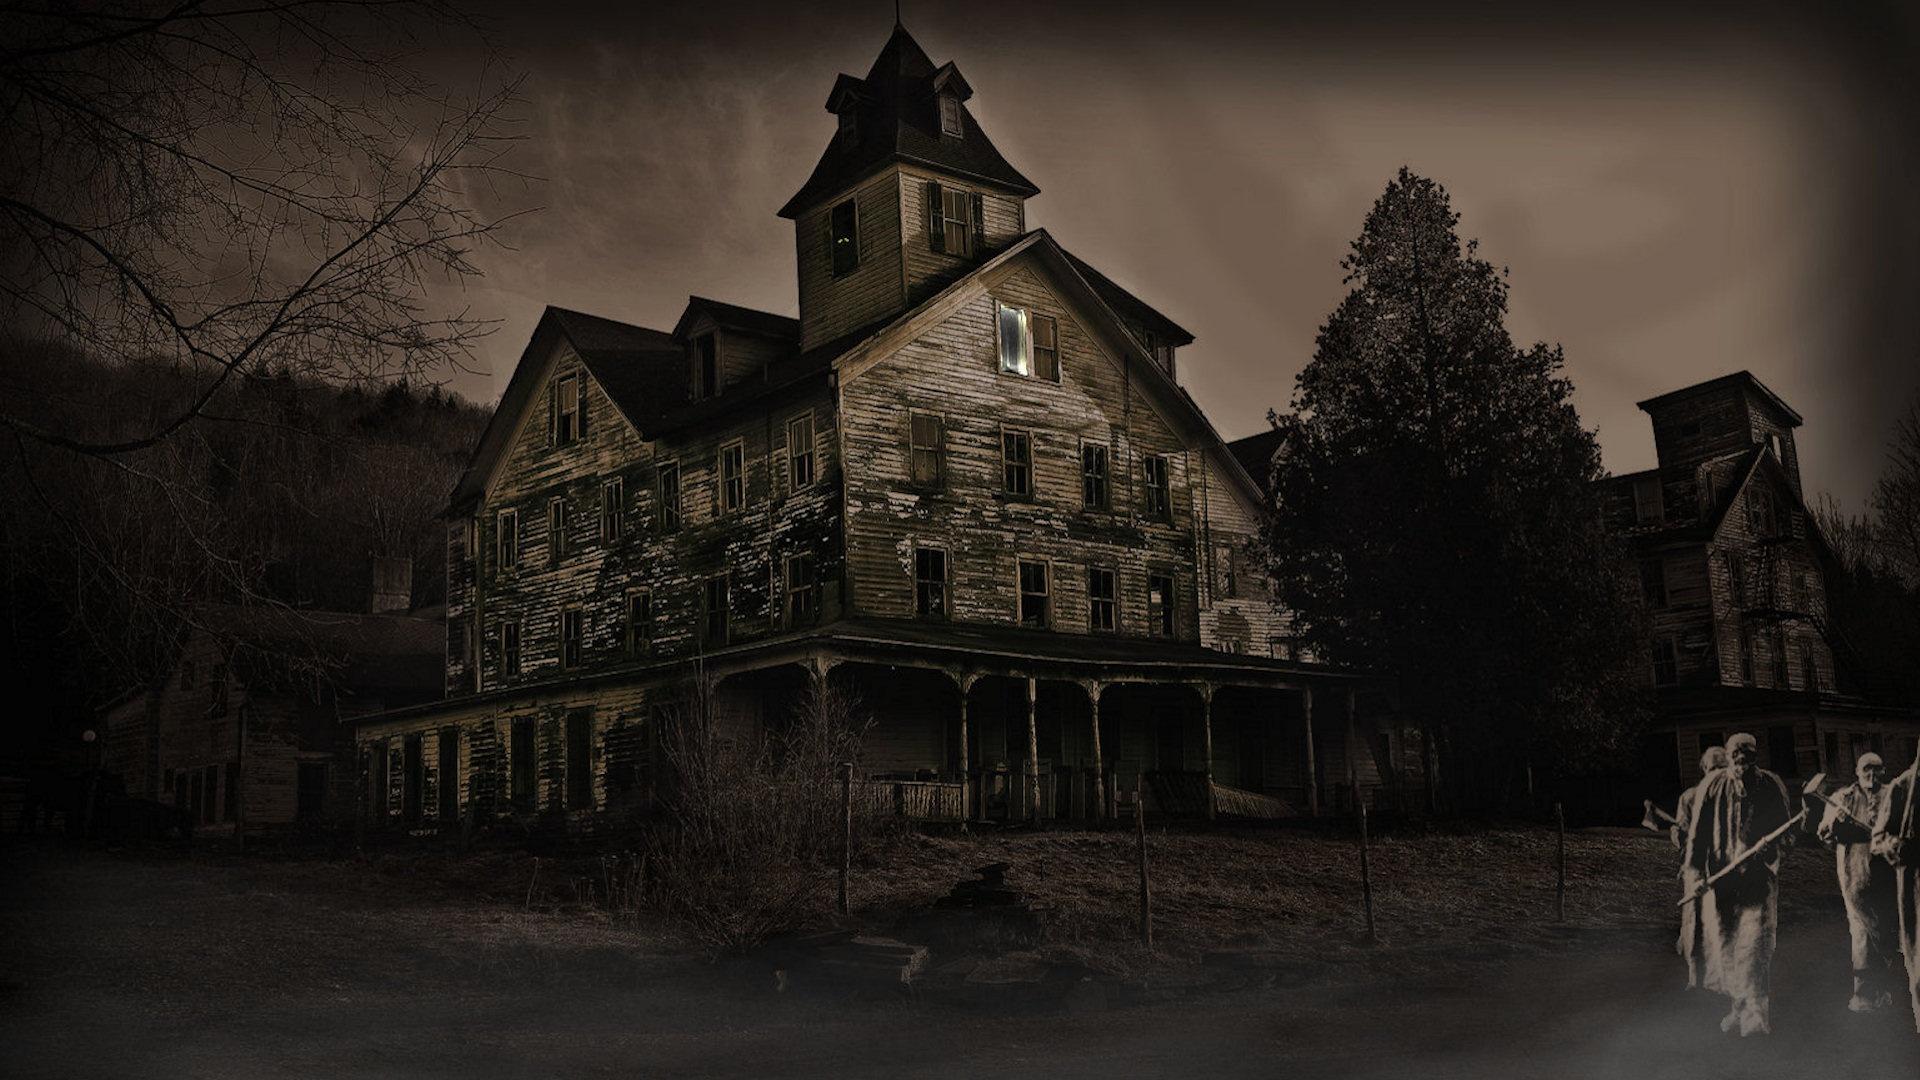 The Haunted Mansion Wallpaper - WallpaperSafari